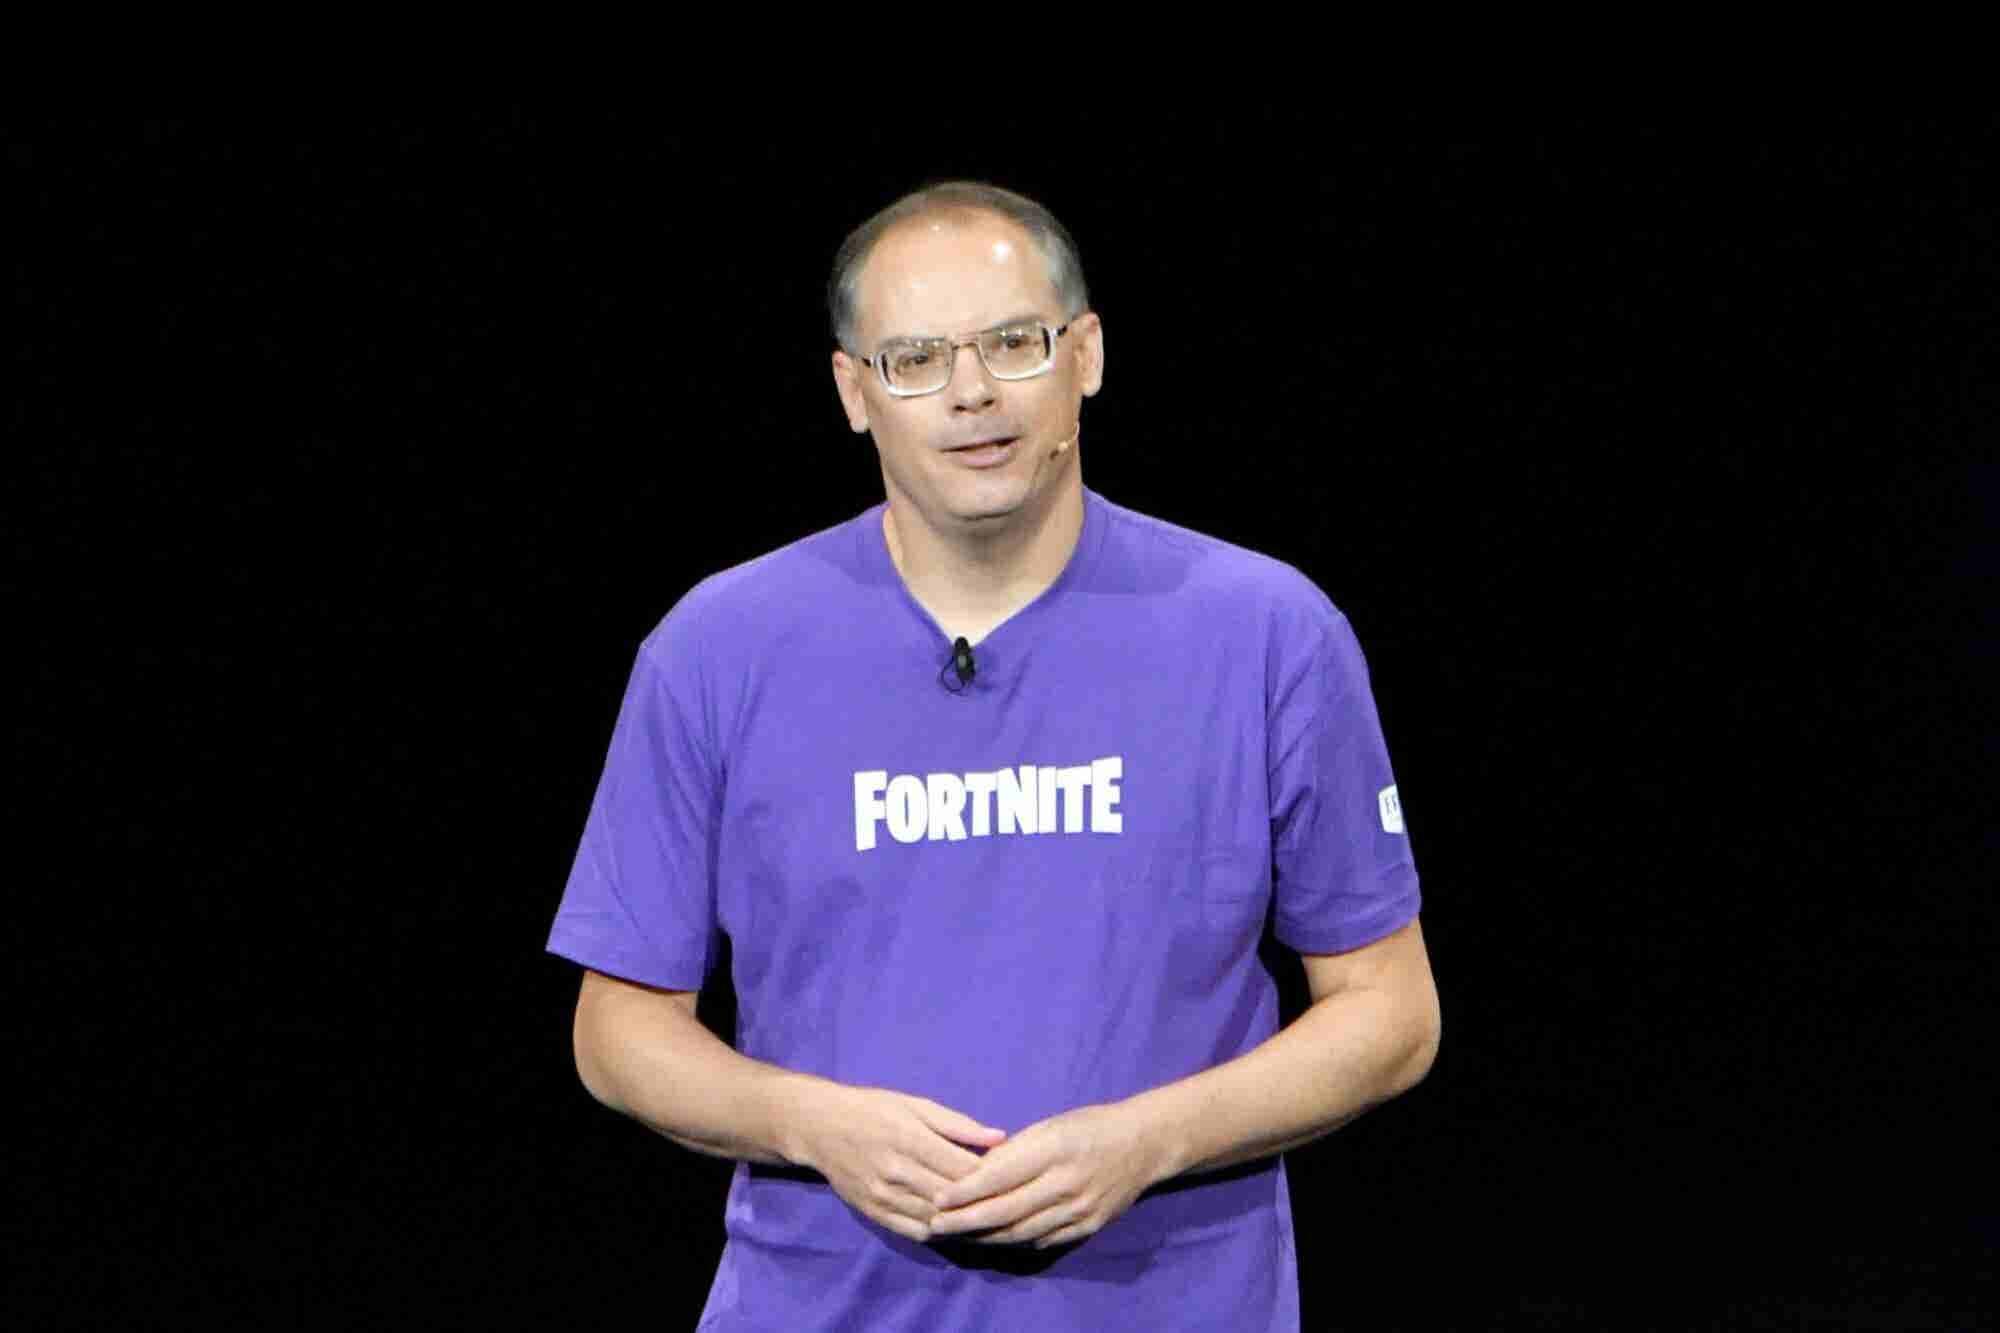 El CEO detrás del popular videojuego 'Fortnite' ahora vale más de 7 mil millones de dólares